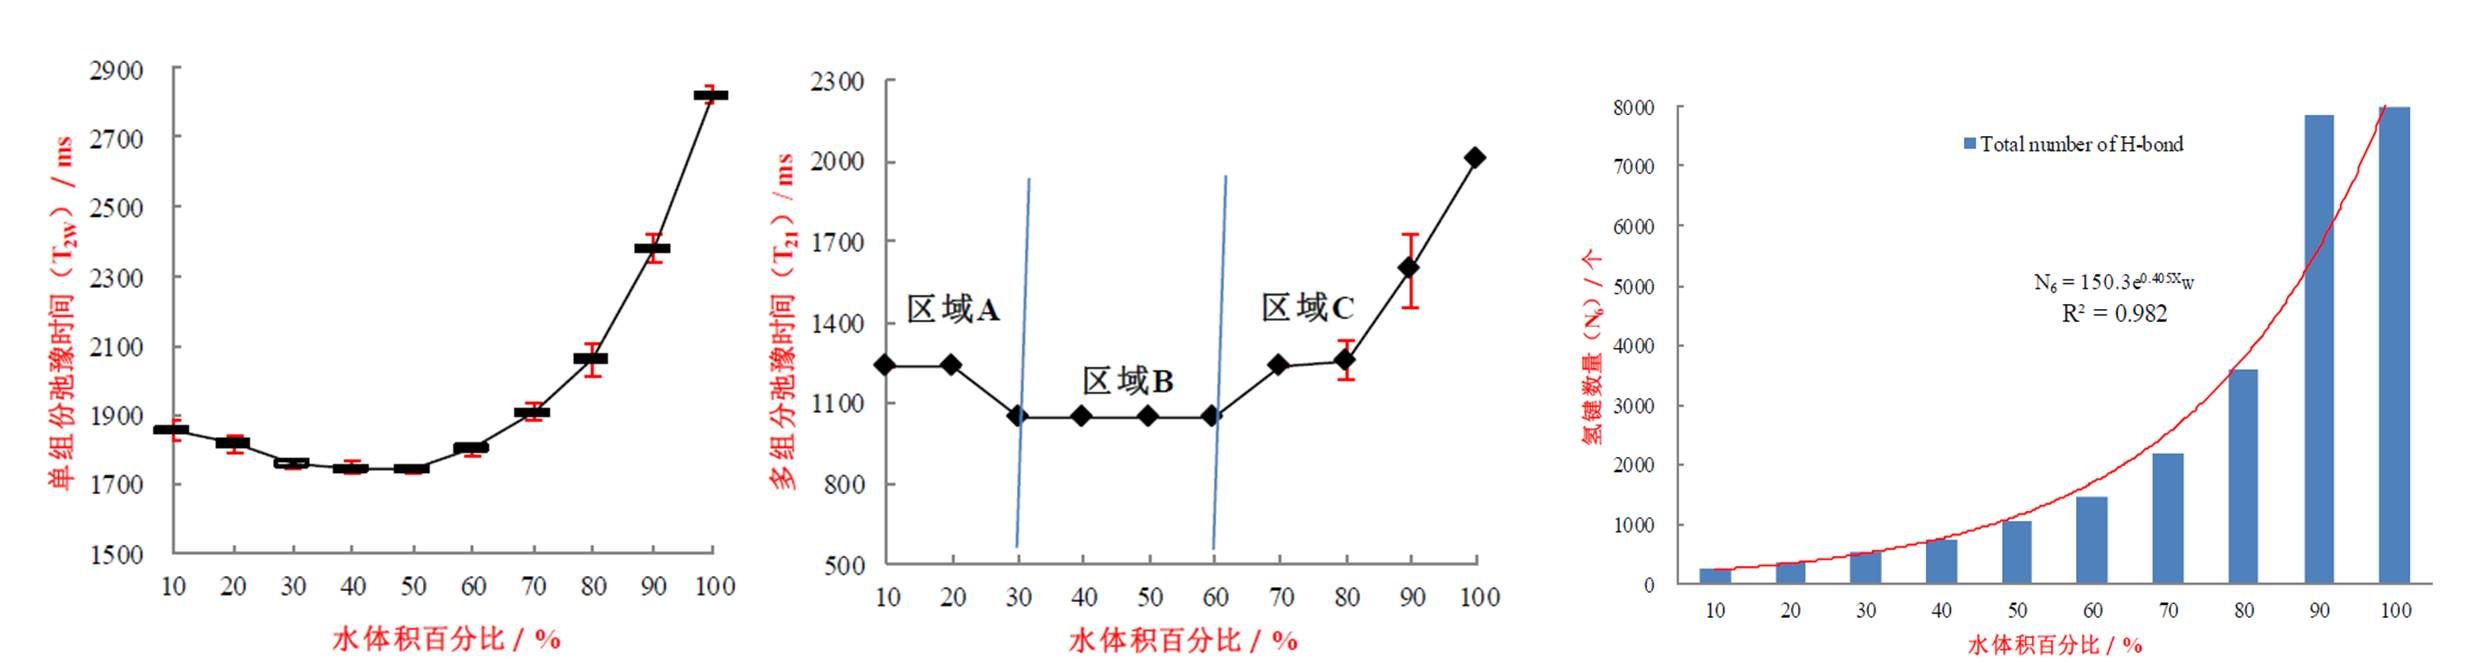 核磁共振研究之核磁共振技术研究水-乙醇混合体系的团簇的应用